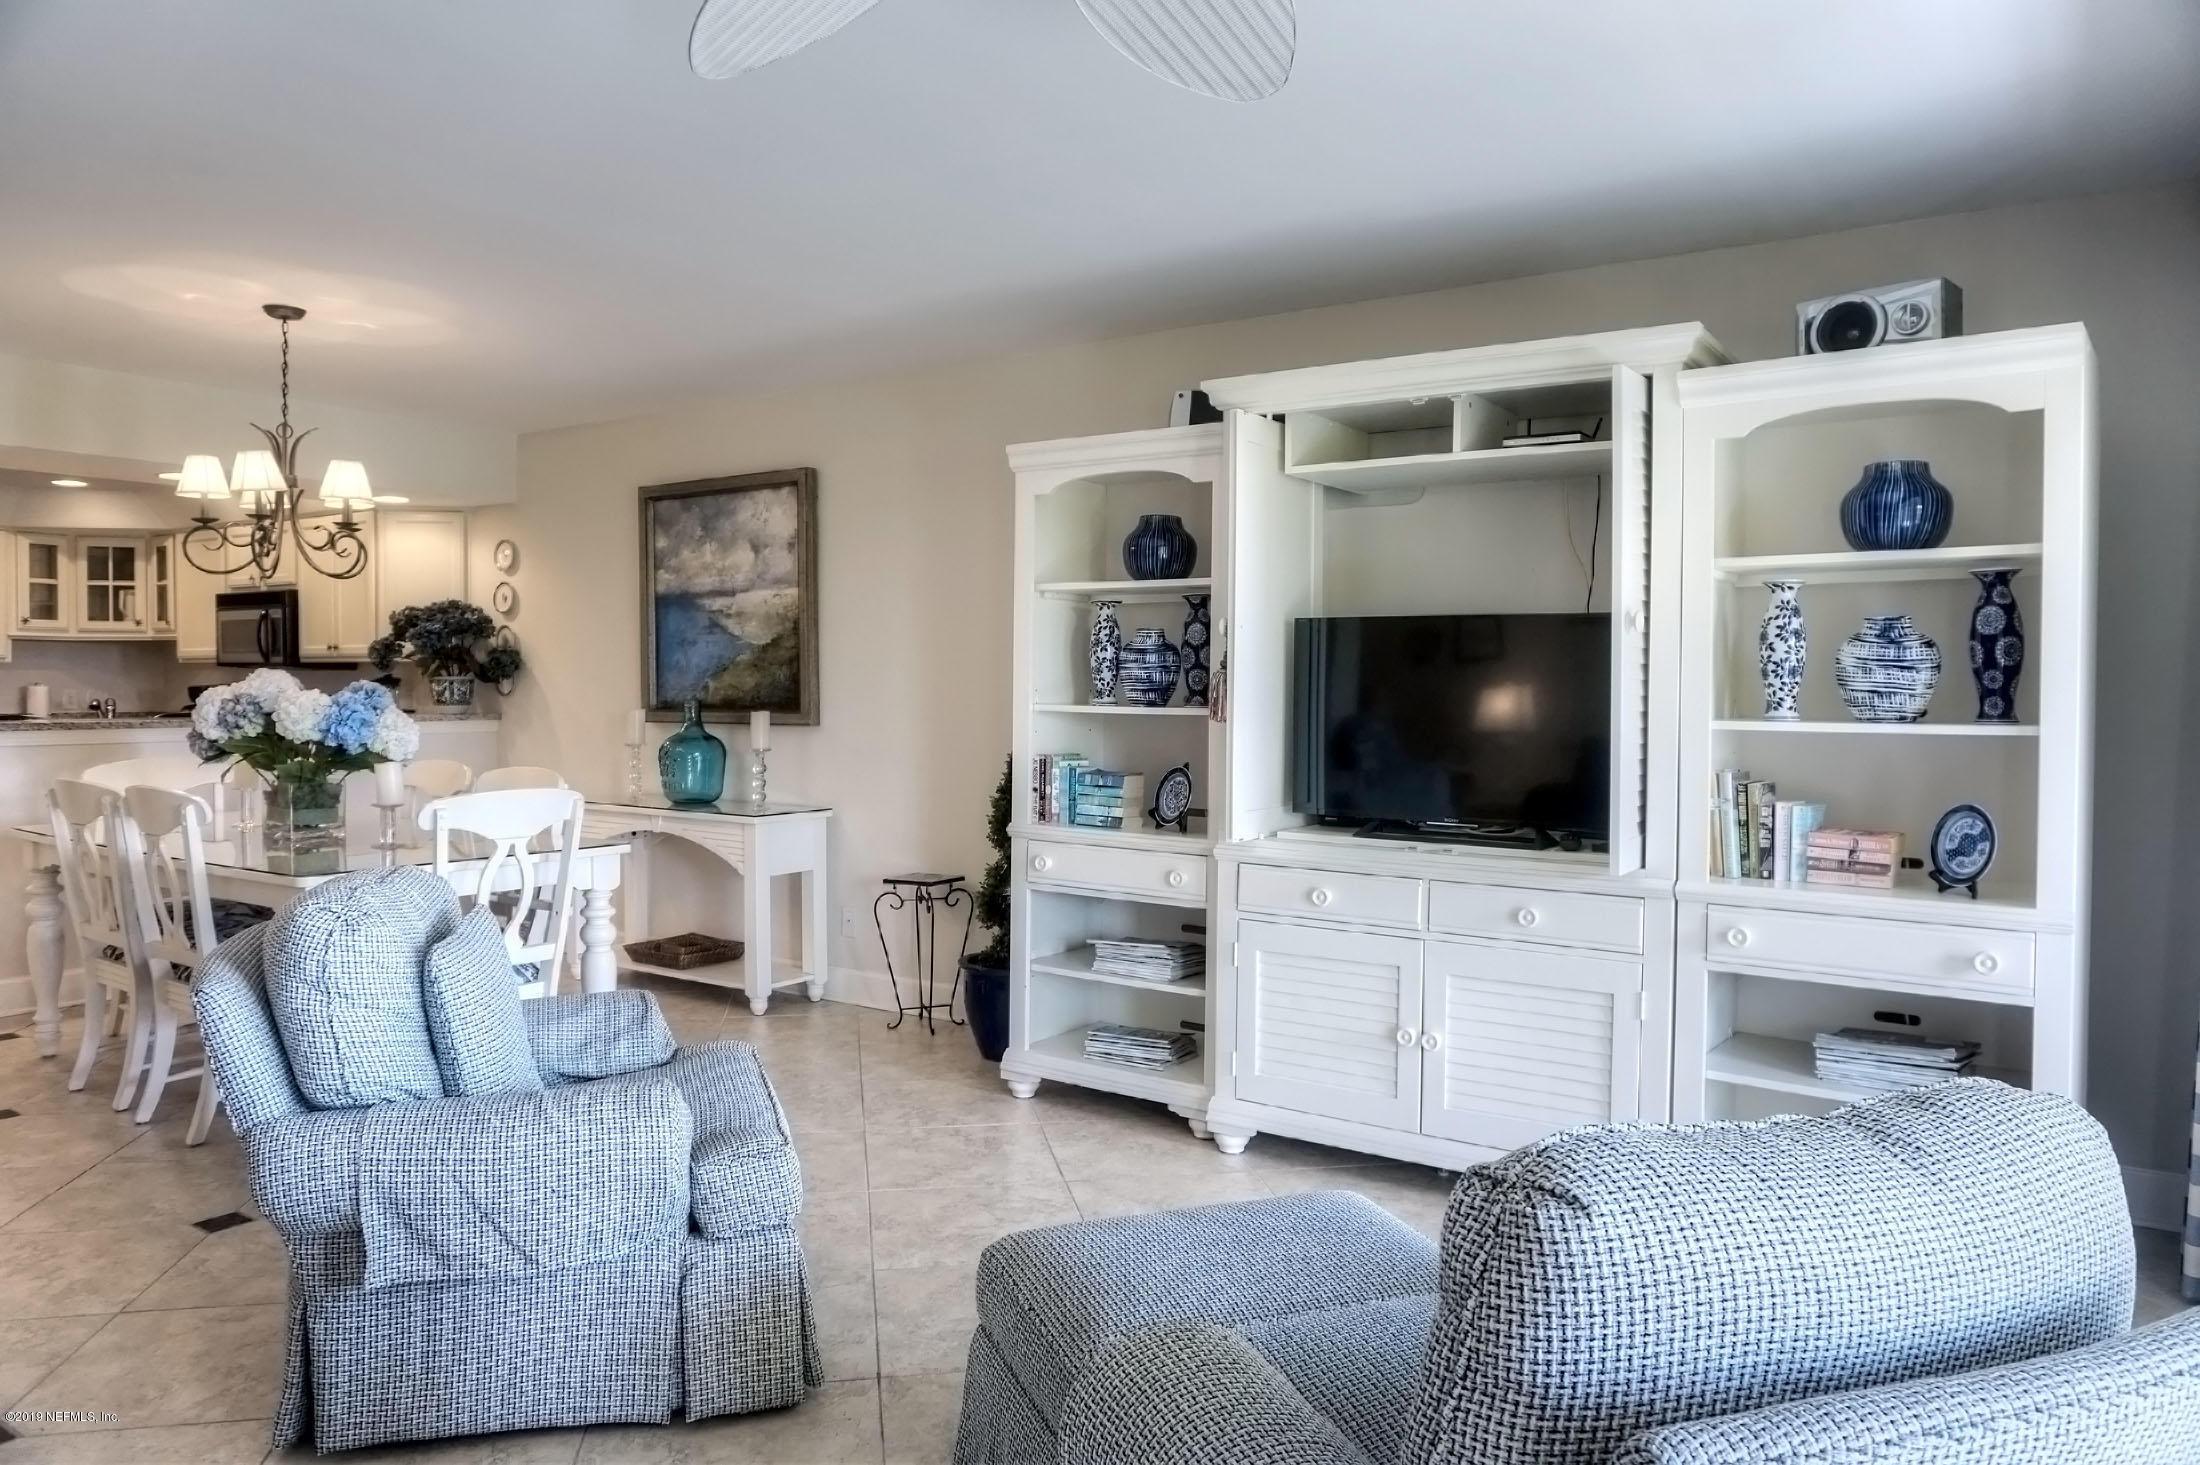 1304 SHIPWATCH, FERNANDINA BEACH, FLORIDA 32034, 2 Bedrooms Bedrooms, ,2 BathroomsBathrooms,Condo,For sale,SHIPWATCH,1006019